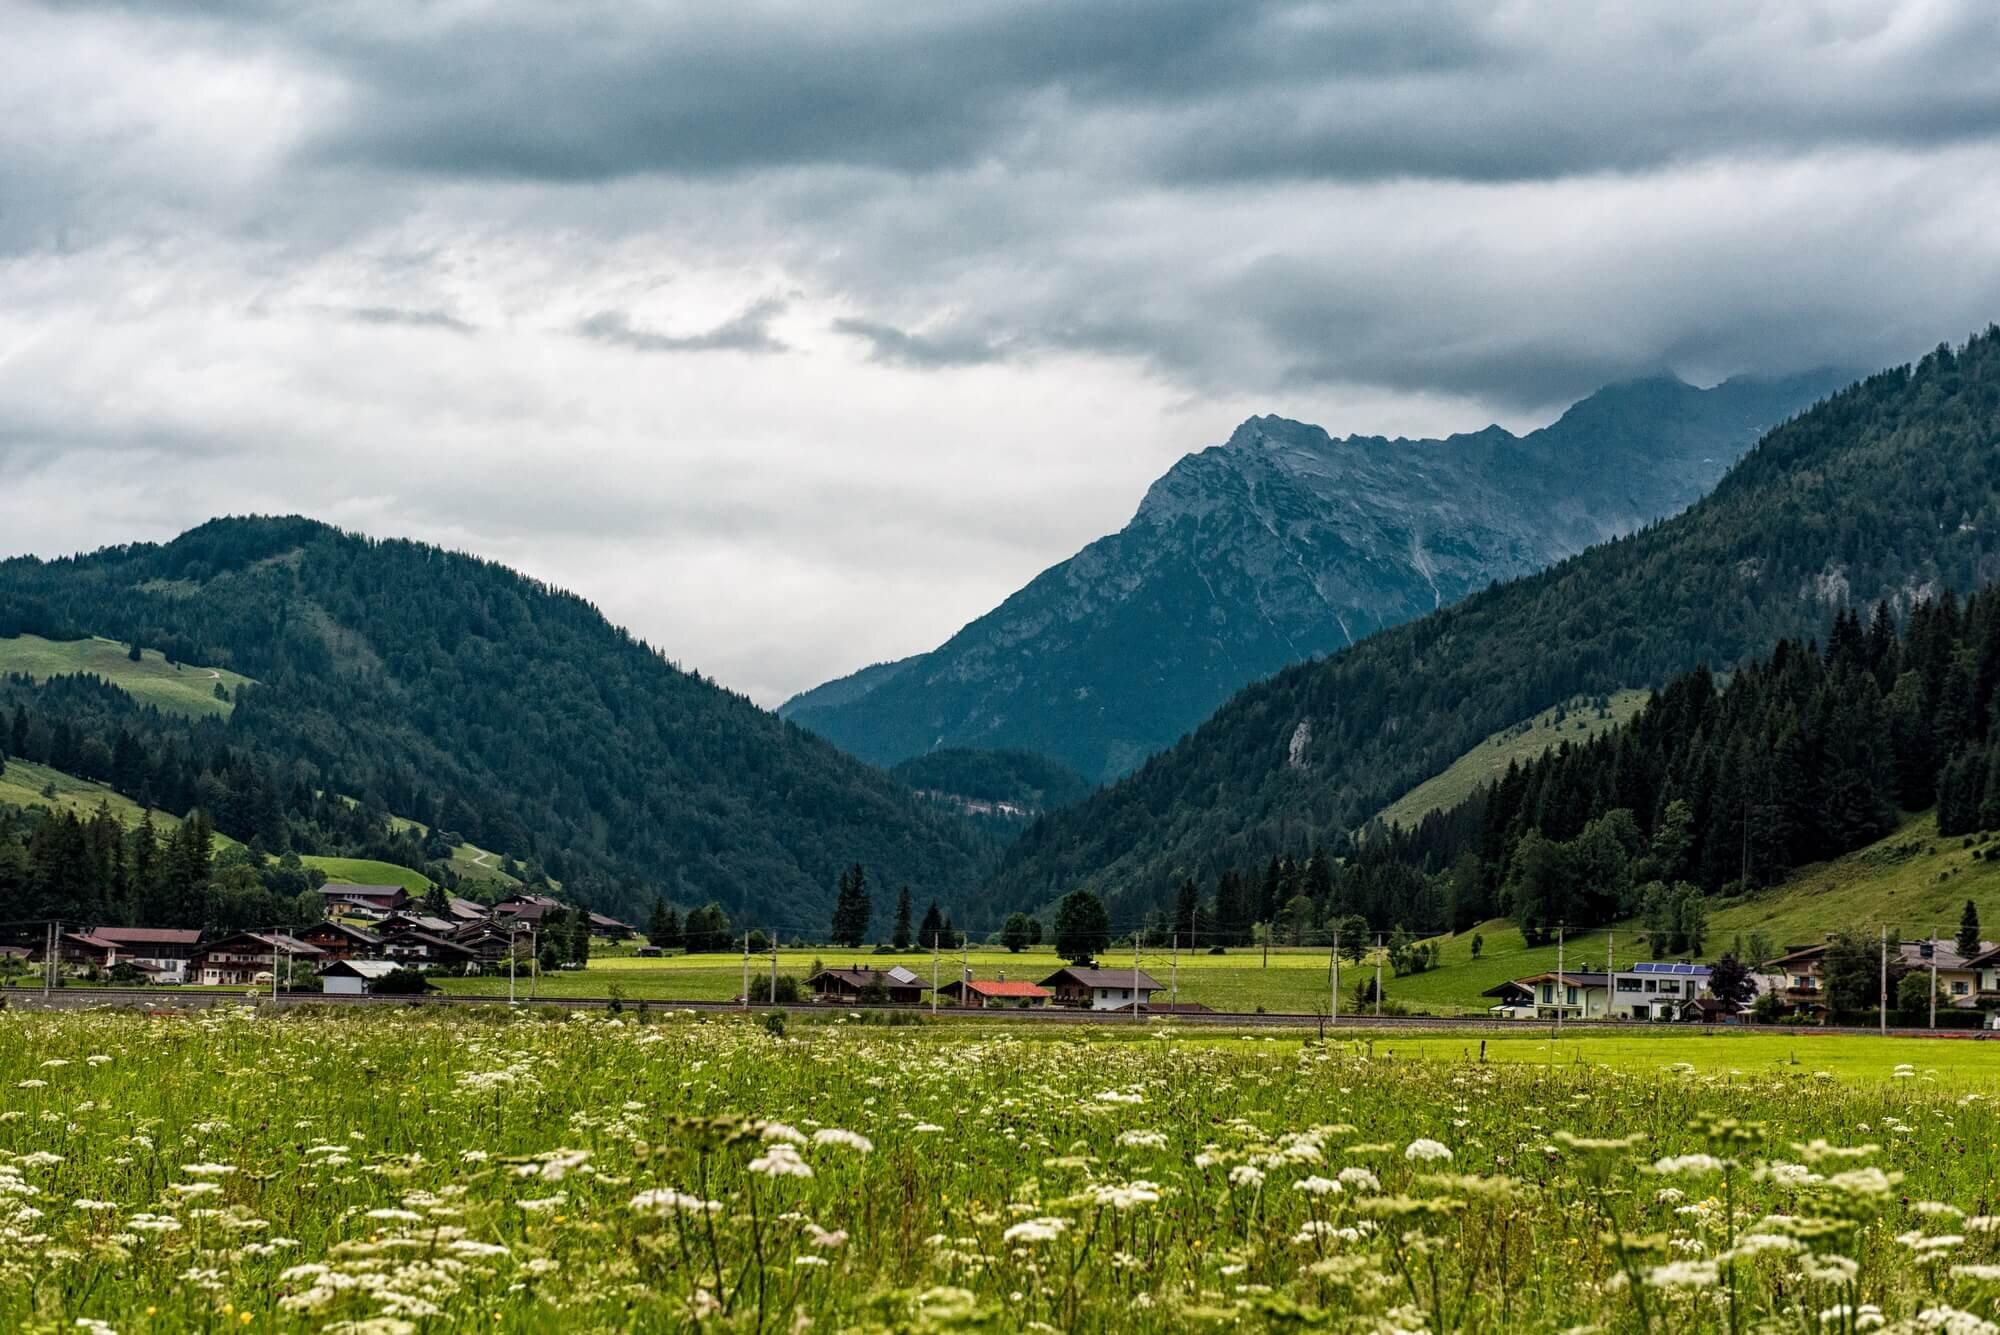 חבל טירול, אוסטריה, Tyrol, Austria